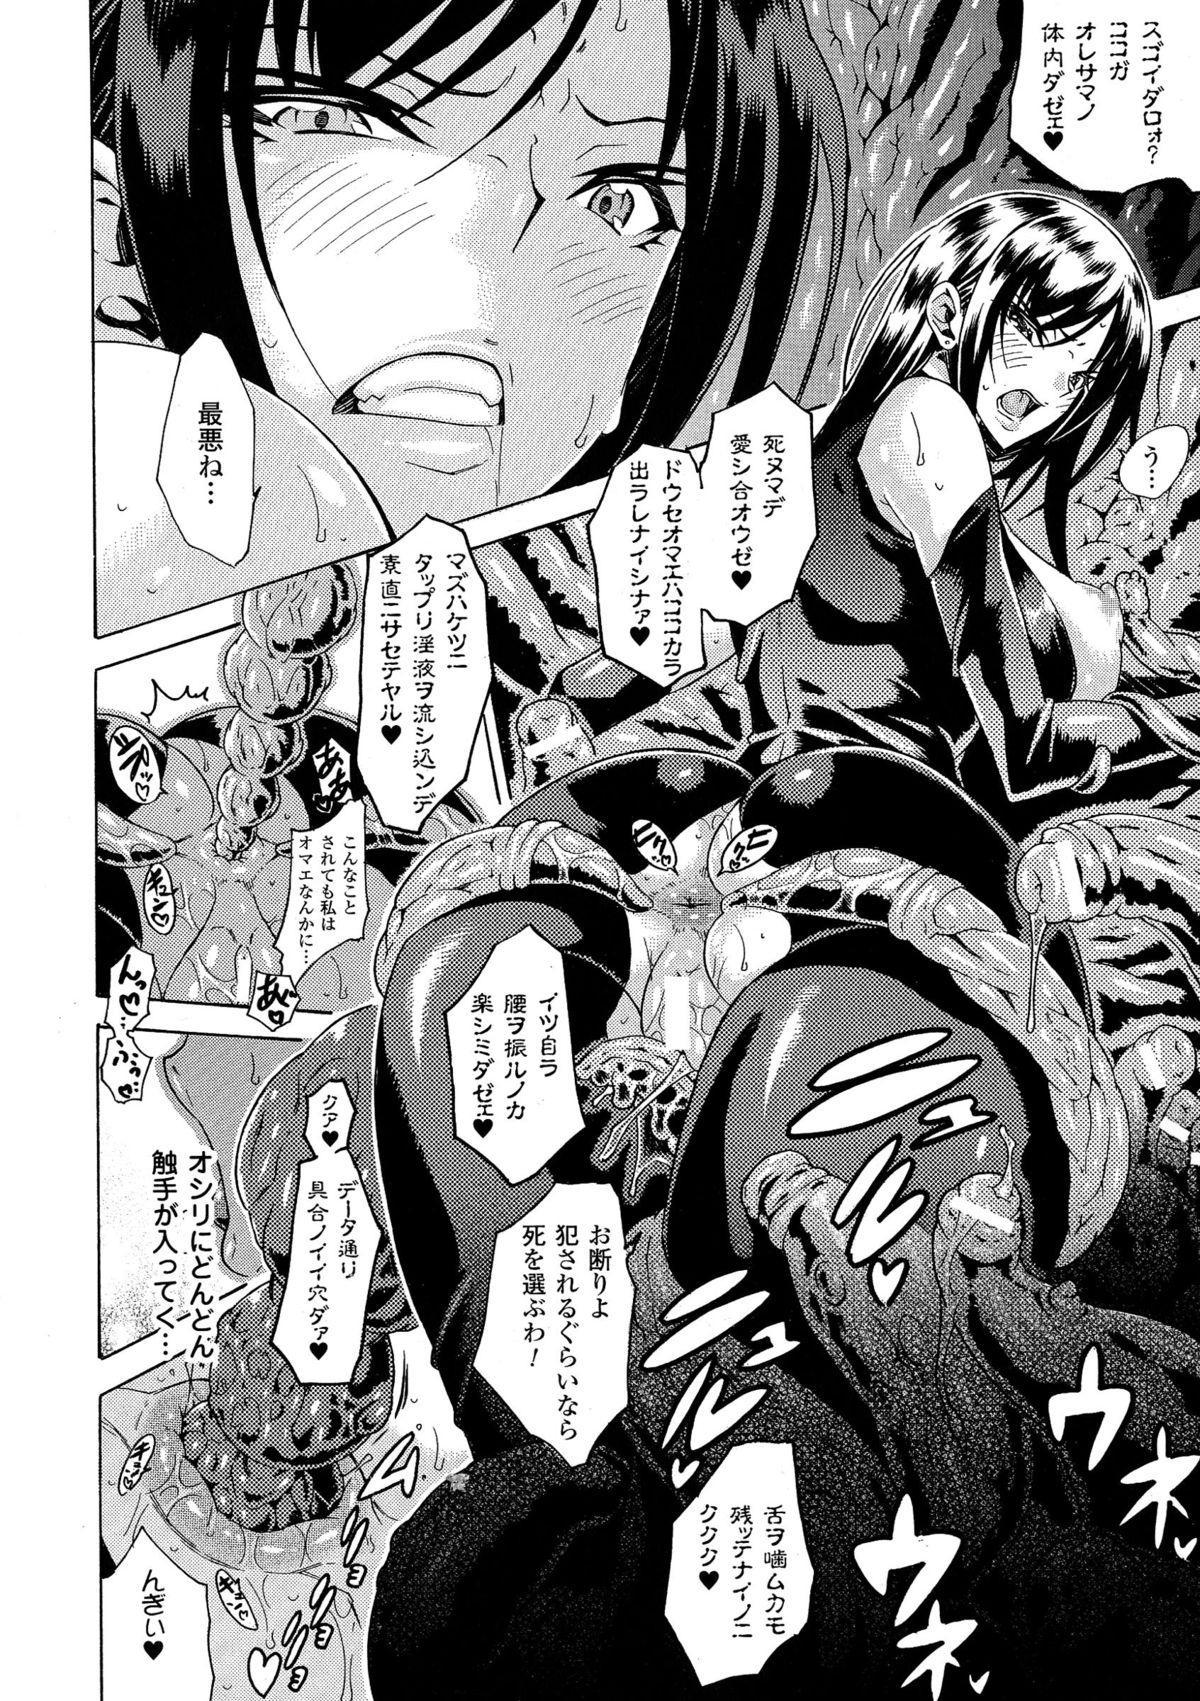 Kachiki na Onna ga Buzama na Ahegao o Sarasu made 17